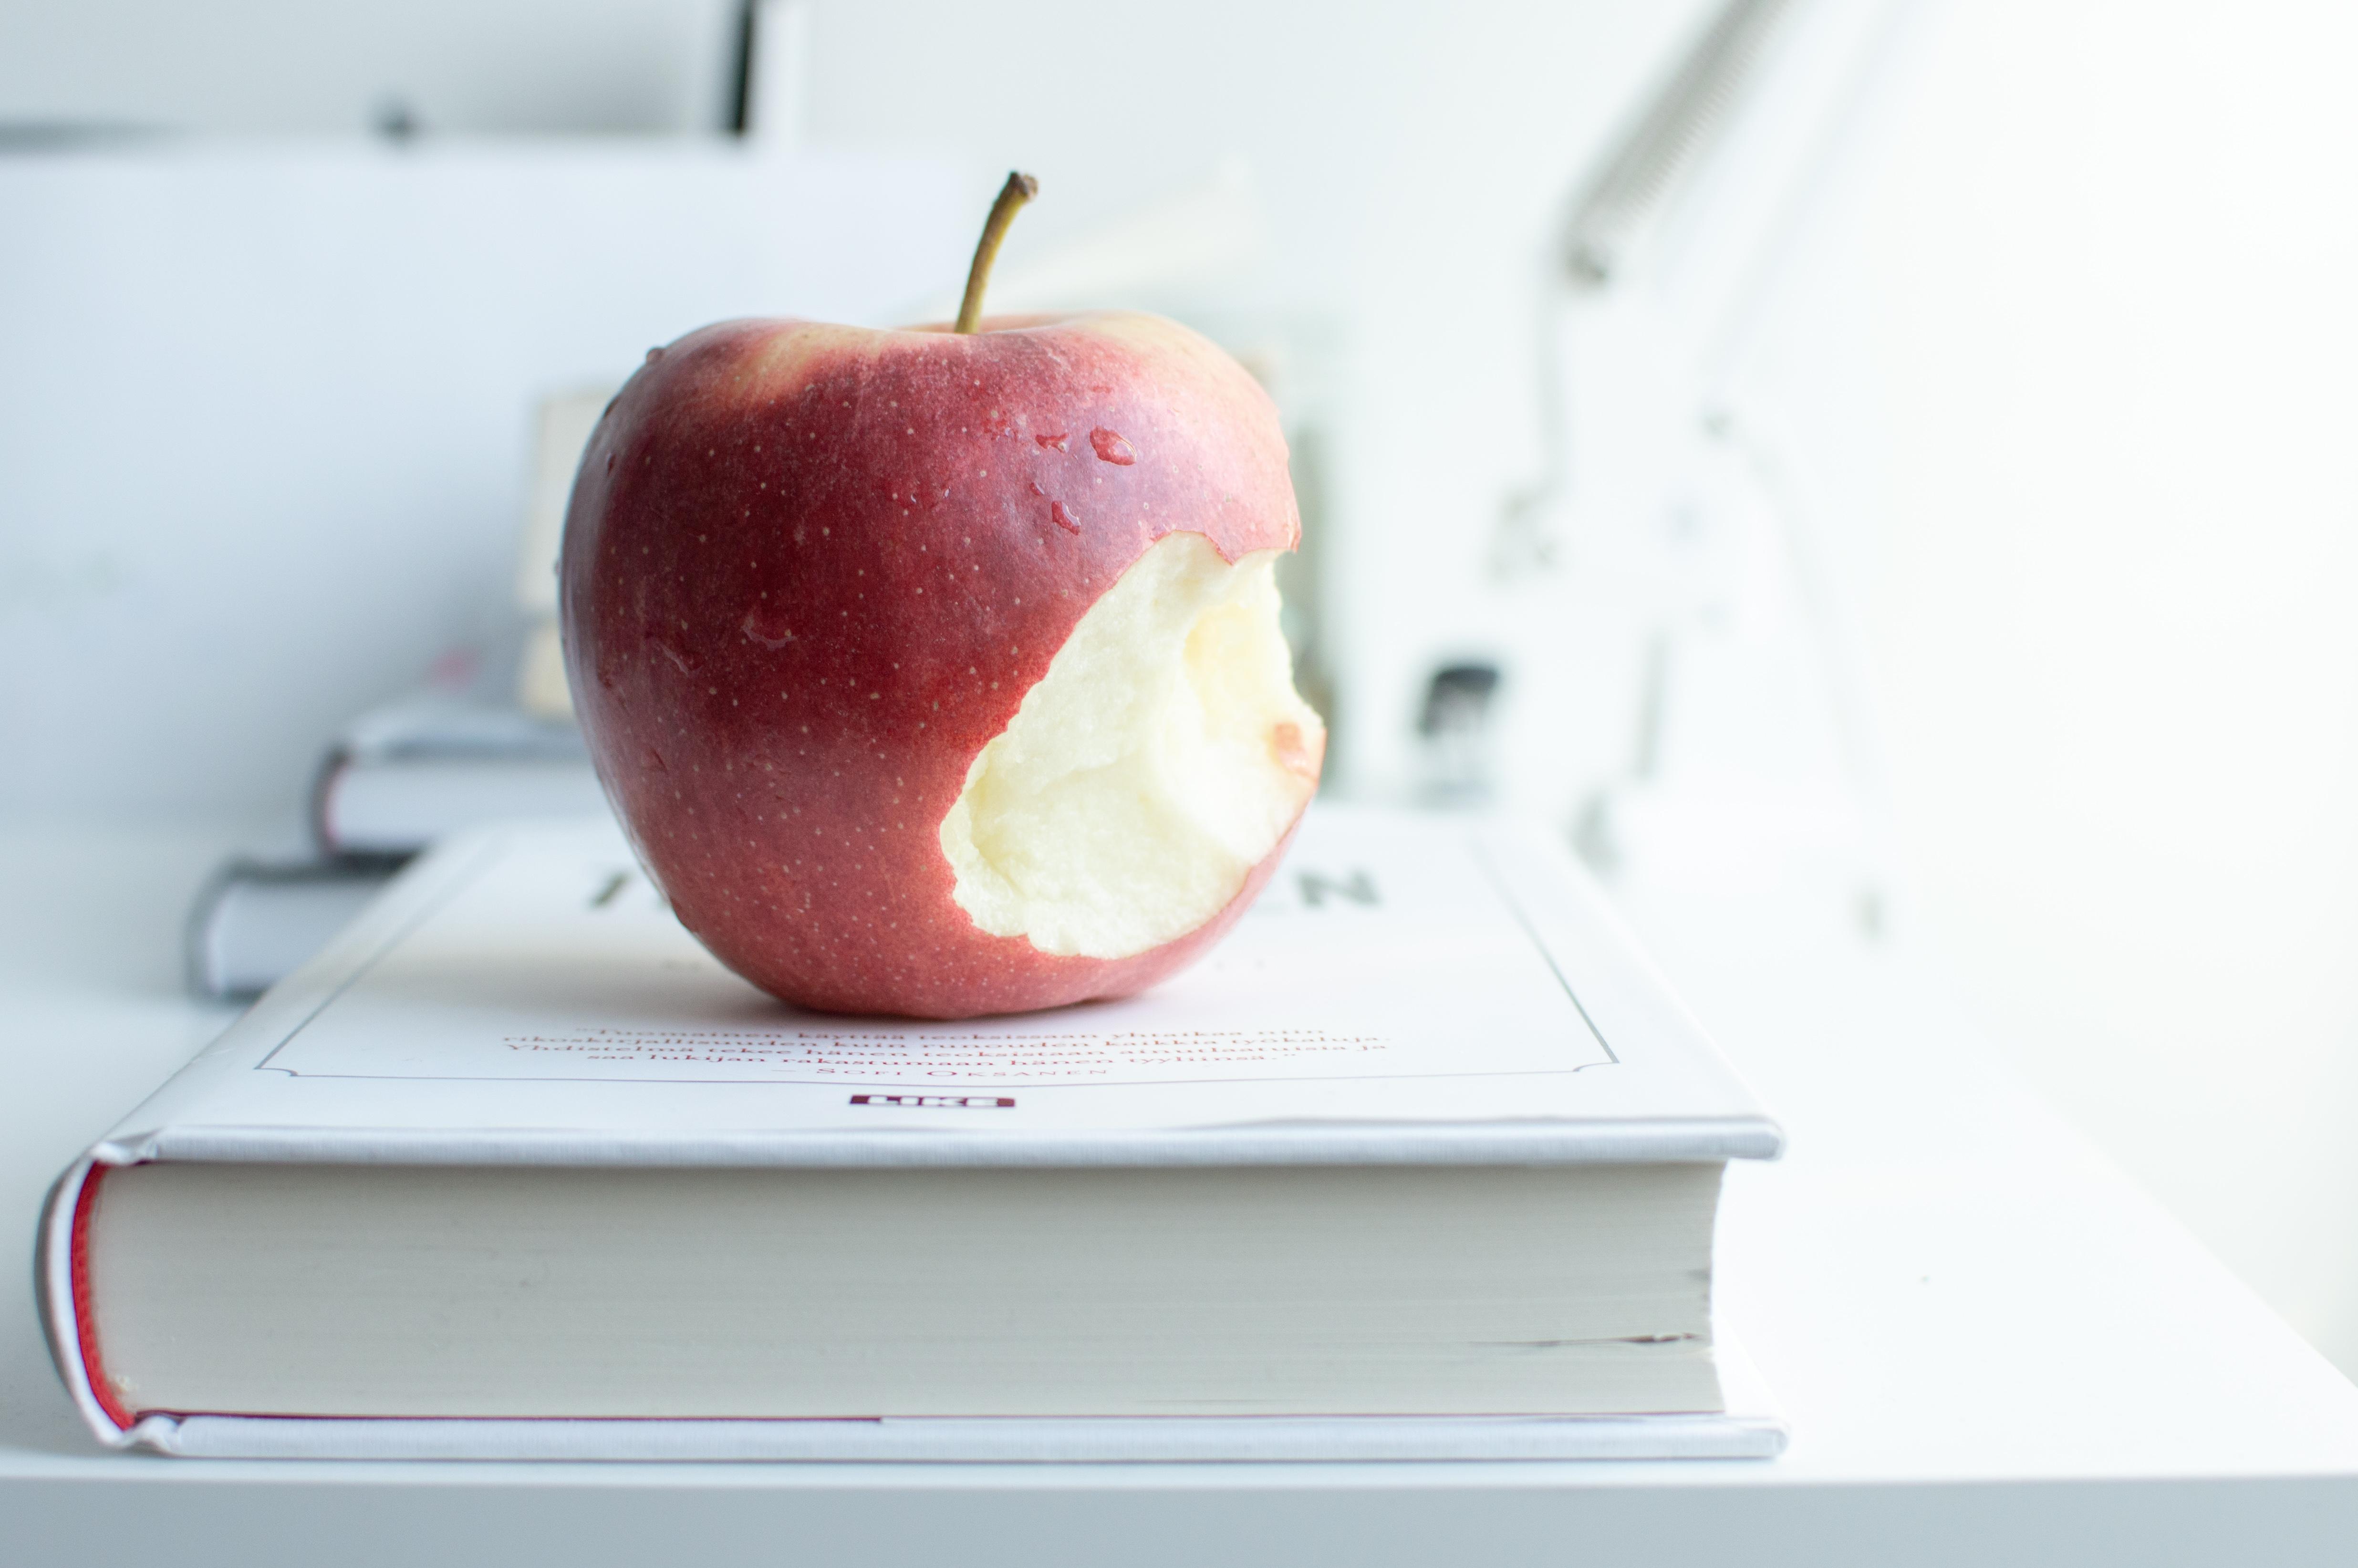 Osittain syöty omena ja kirja. Lukeminen tuo viisautta.